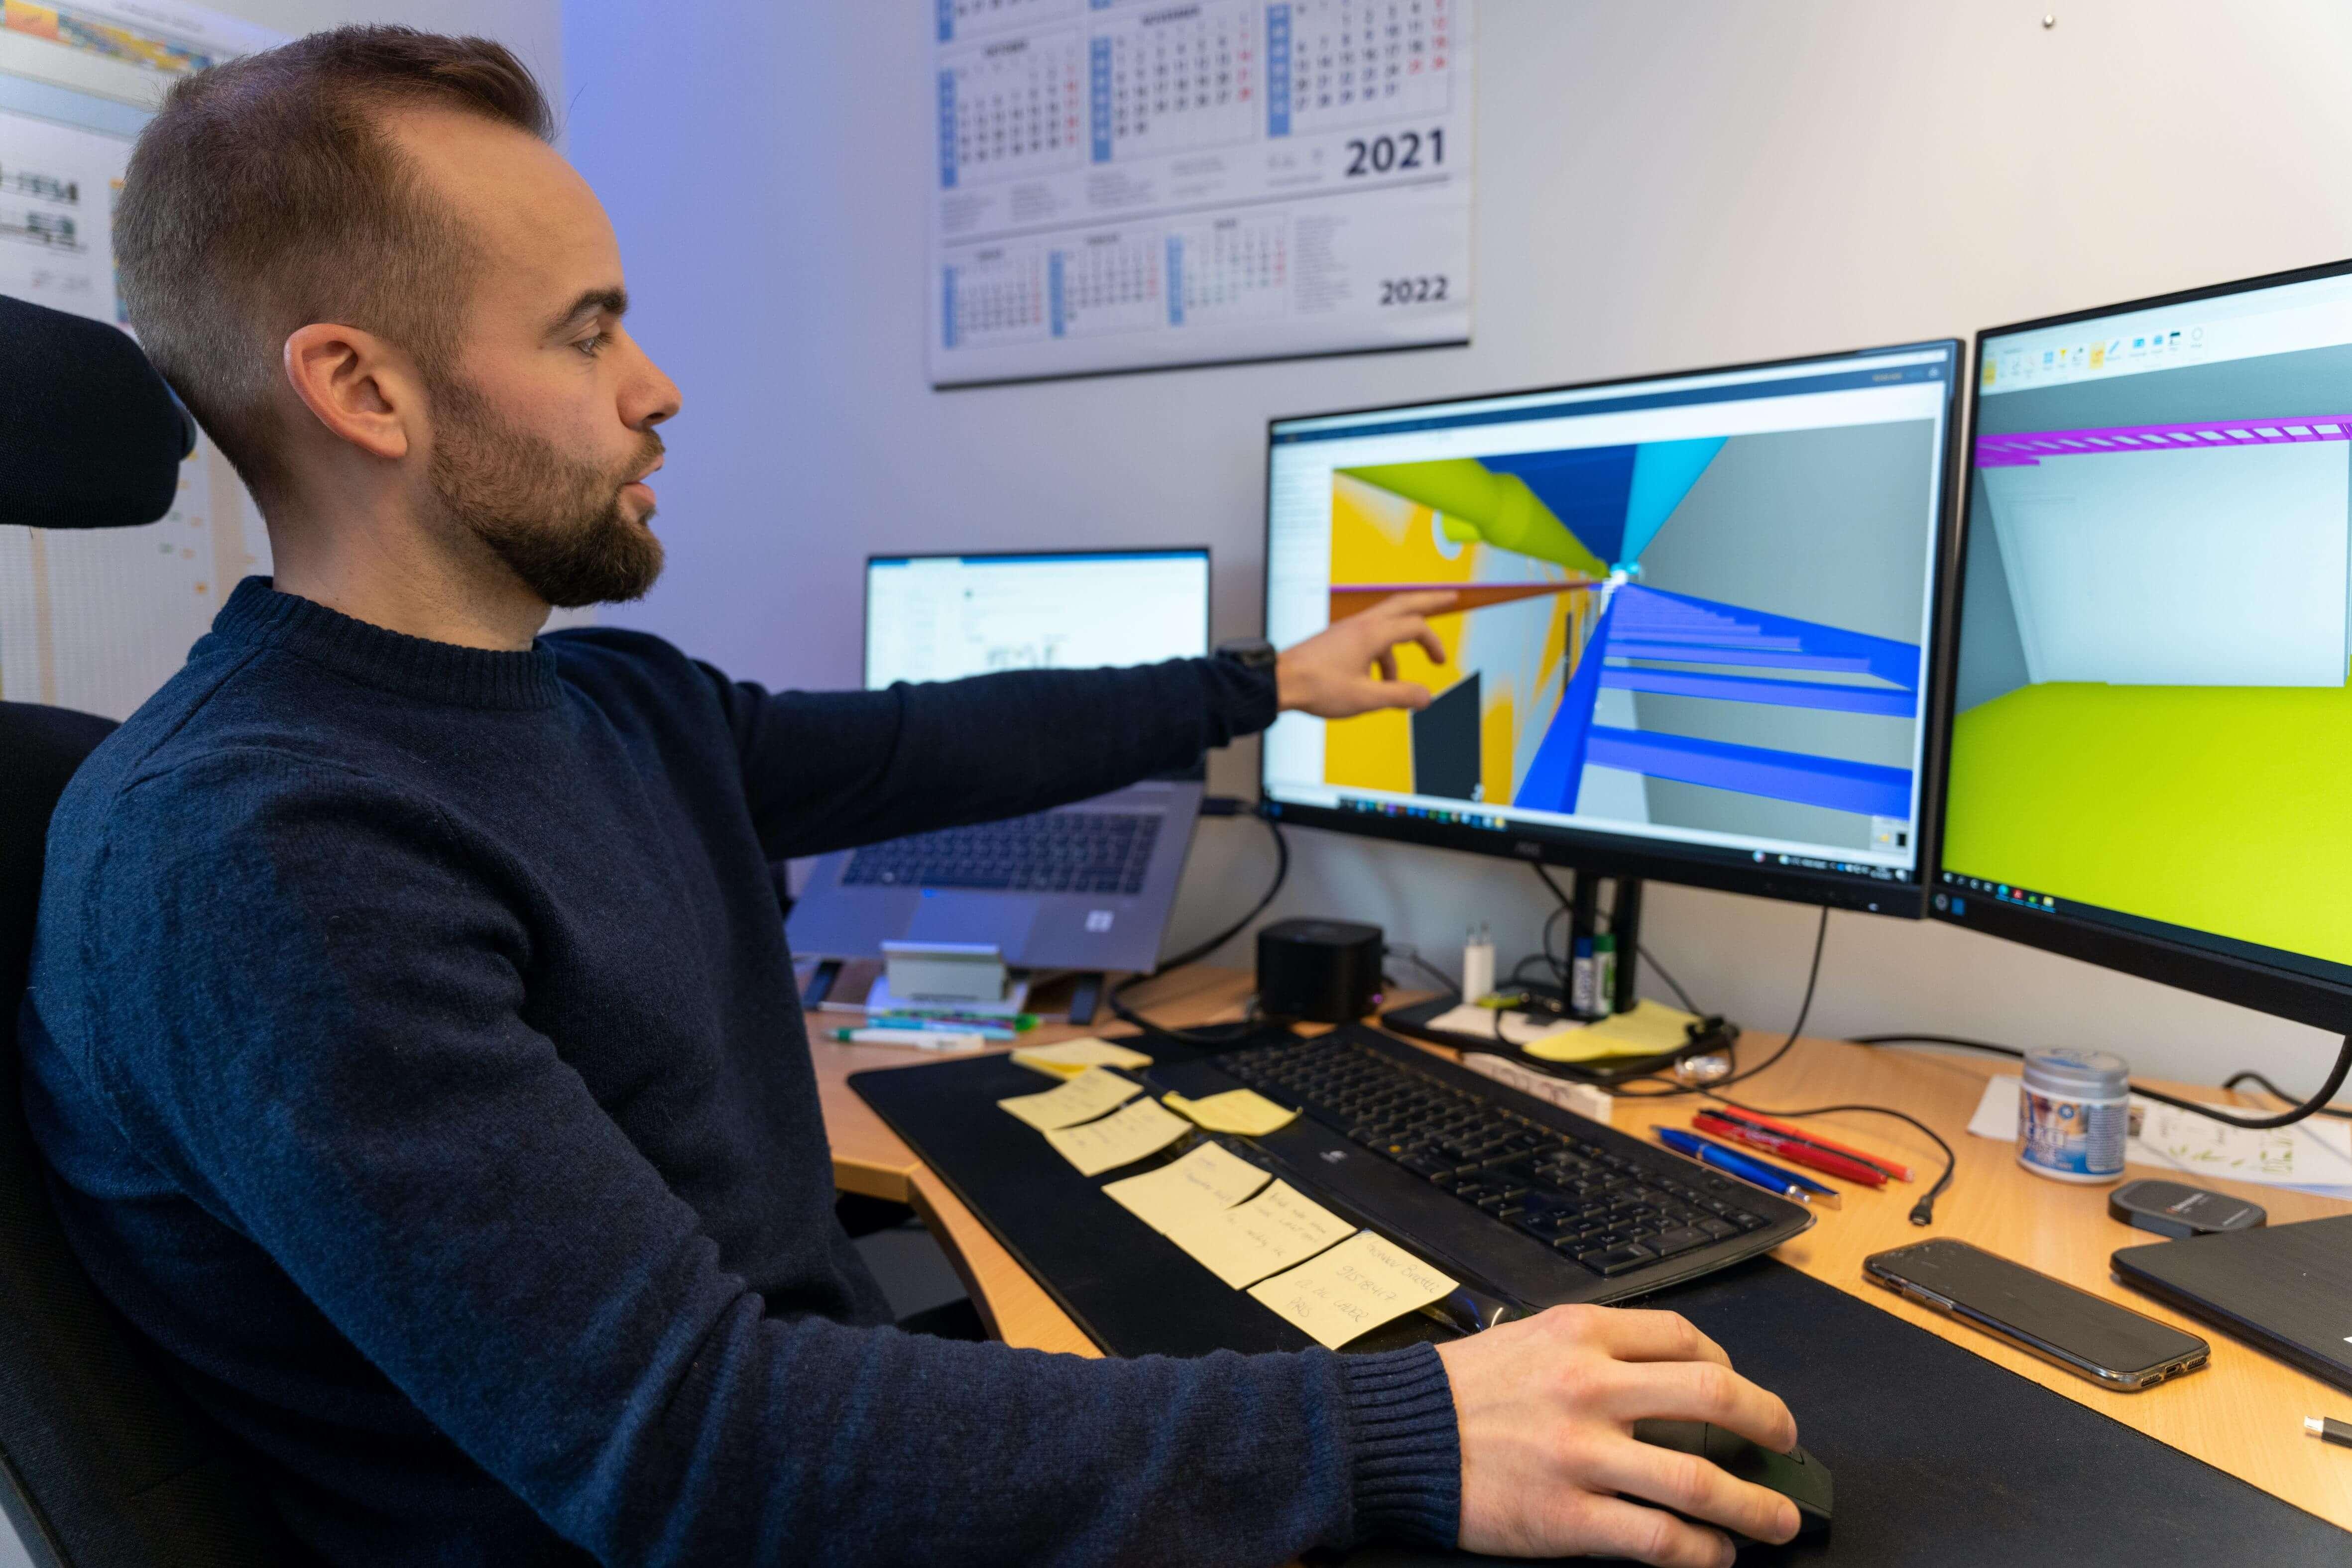 TEKNOLOGI: Moderne bygg inneholder mange tekniske installasjoner, noe som stiller høye krav til detaljert prosjektering og koordinering. -Vi tegner og prosjekterer anleggene i 3D ved hjelp av programvare som Revit, Solibri og Dalux, sier Kristian Botn.